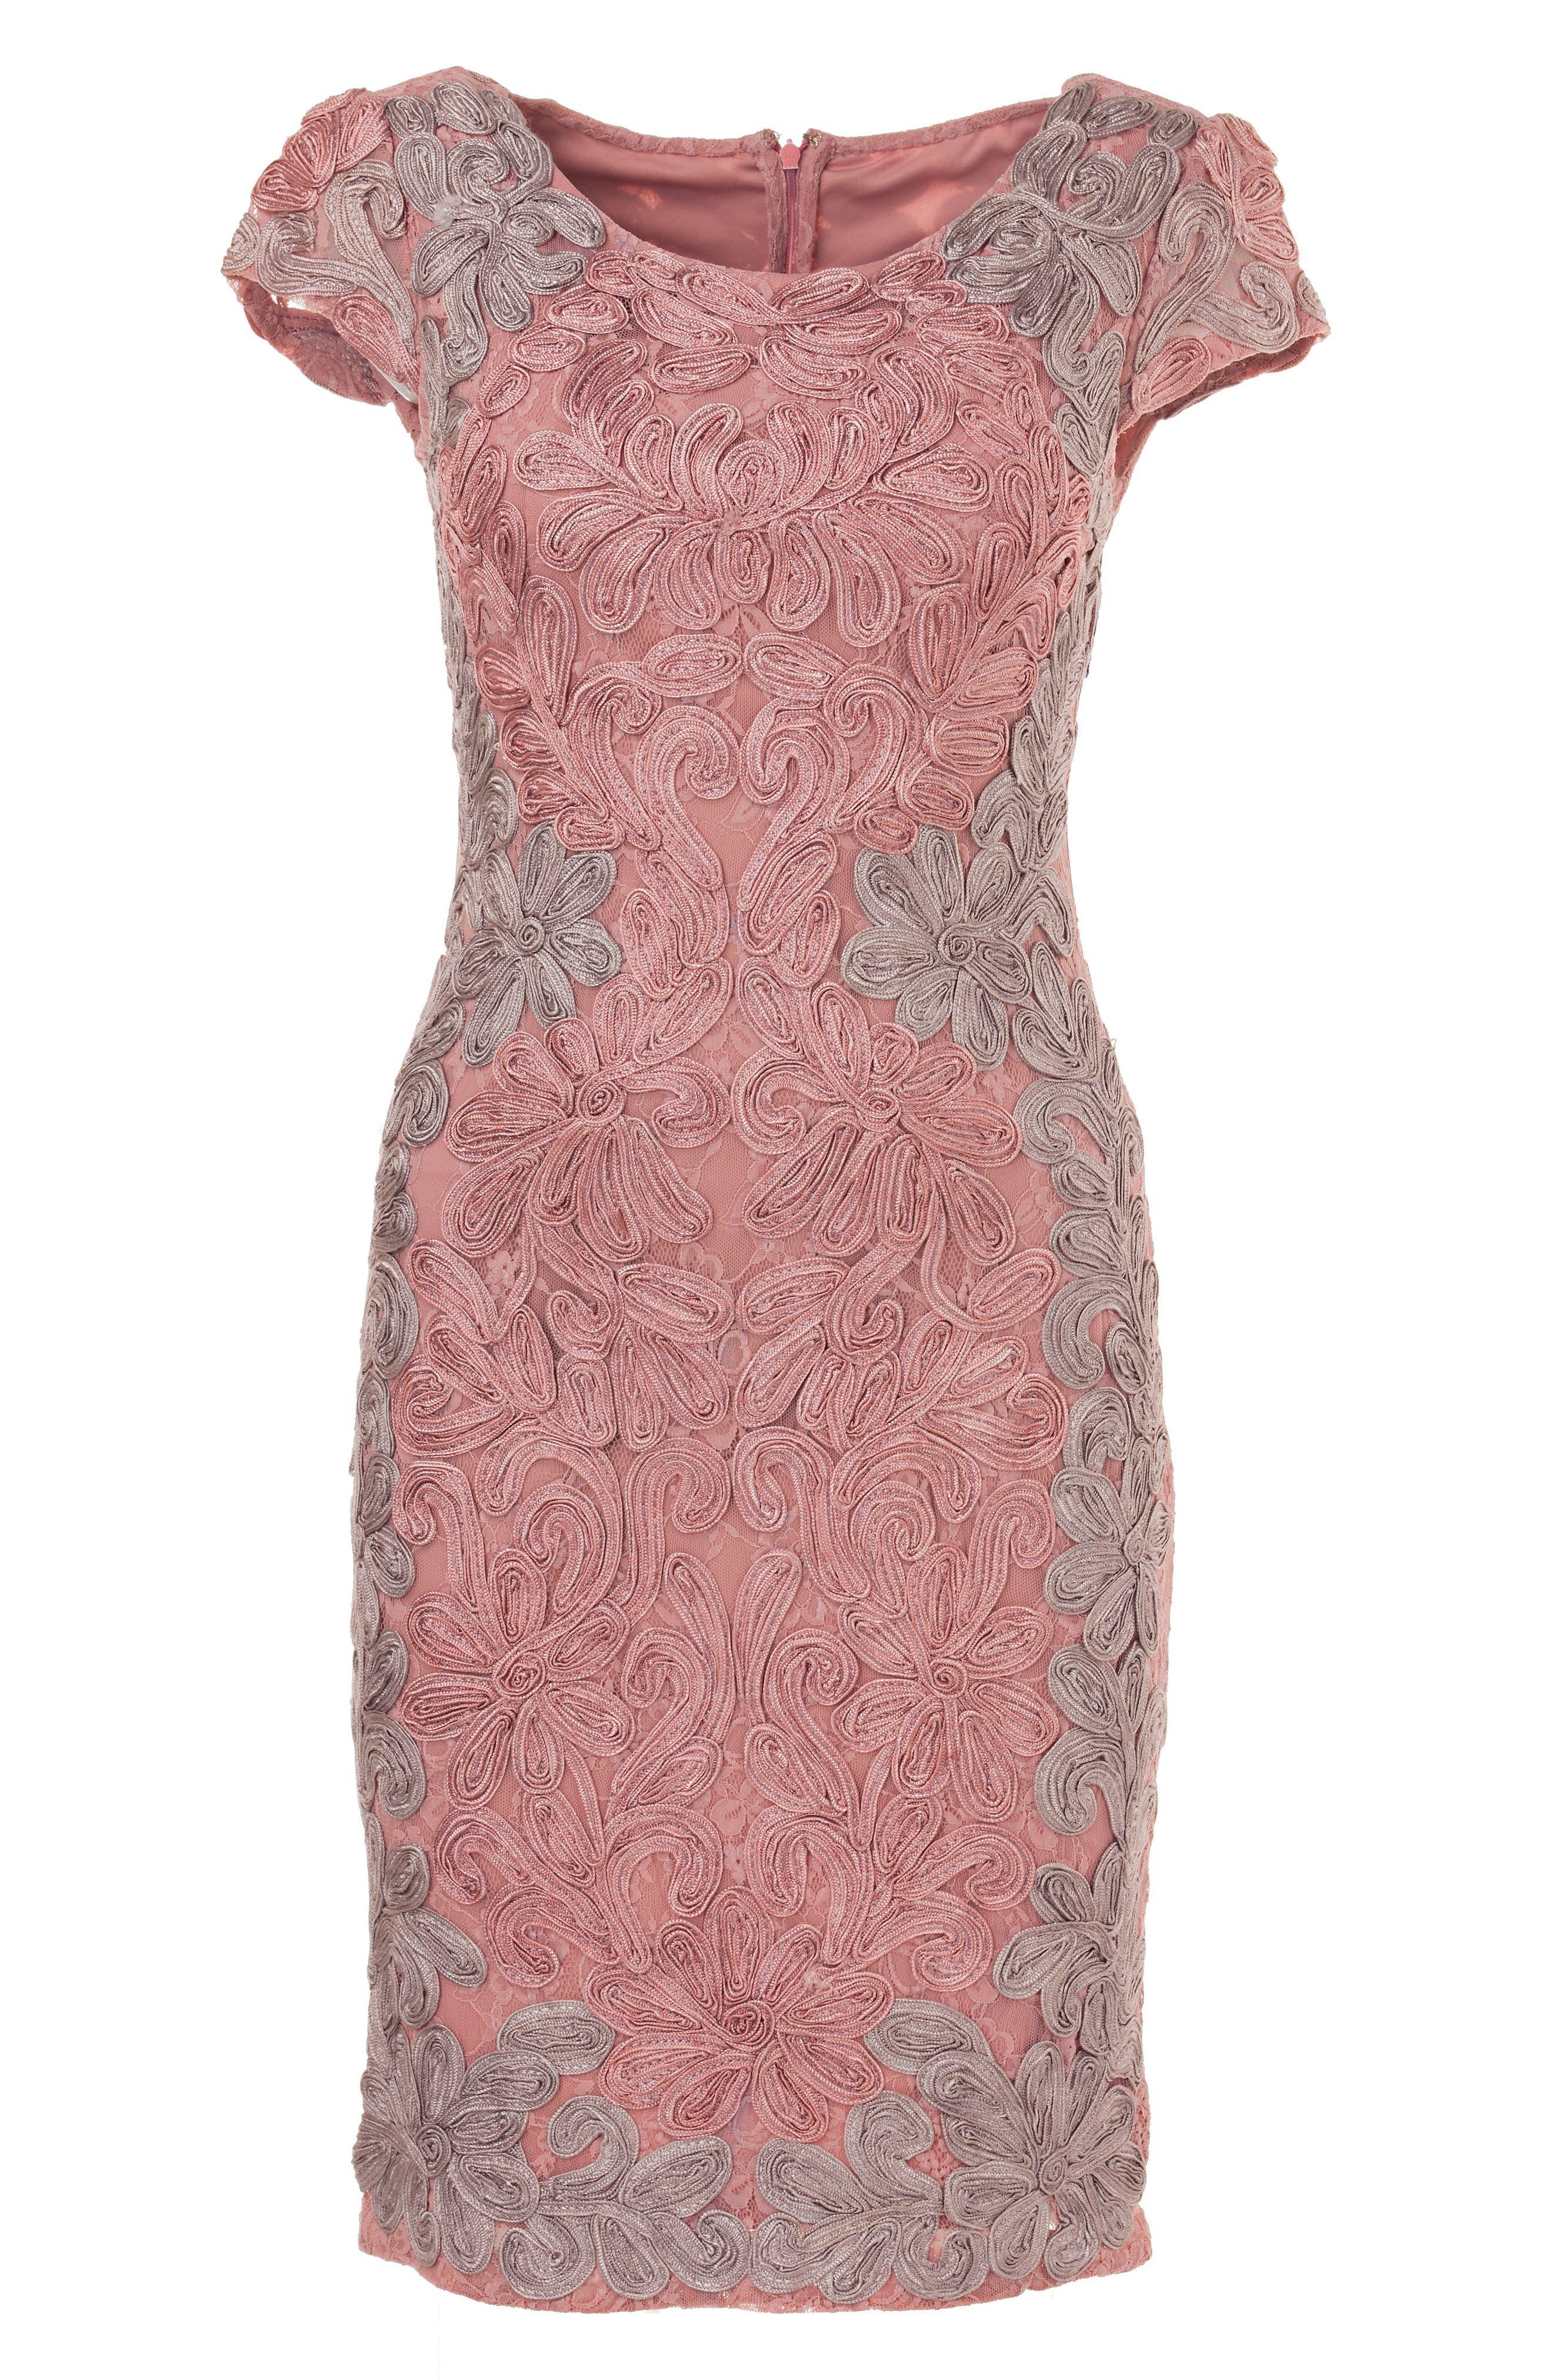 Contrast Soutache Sheath Dress,                             Alternate thumbnail 4, color,                             Pink/ Taupe